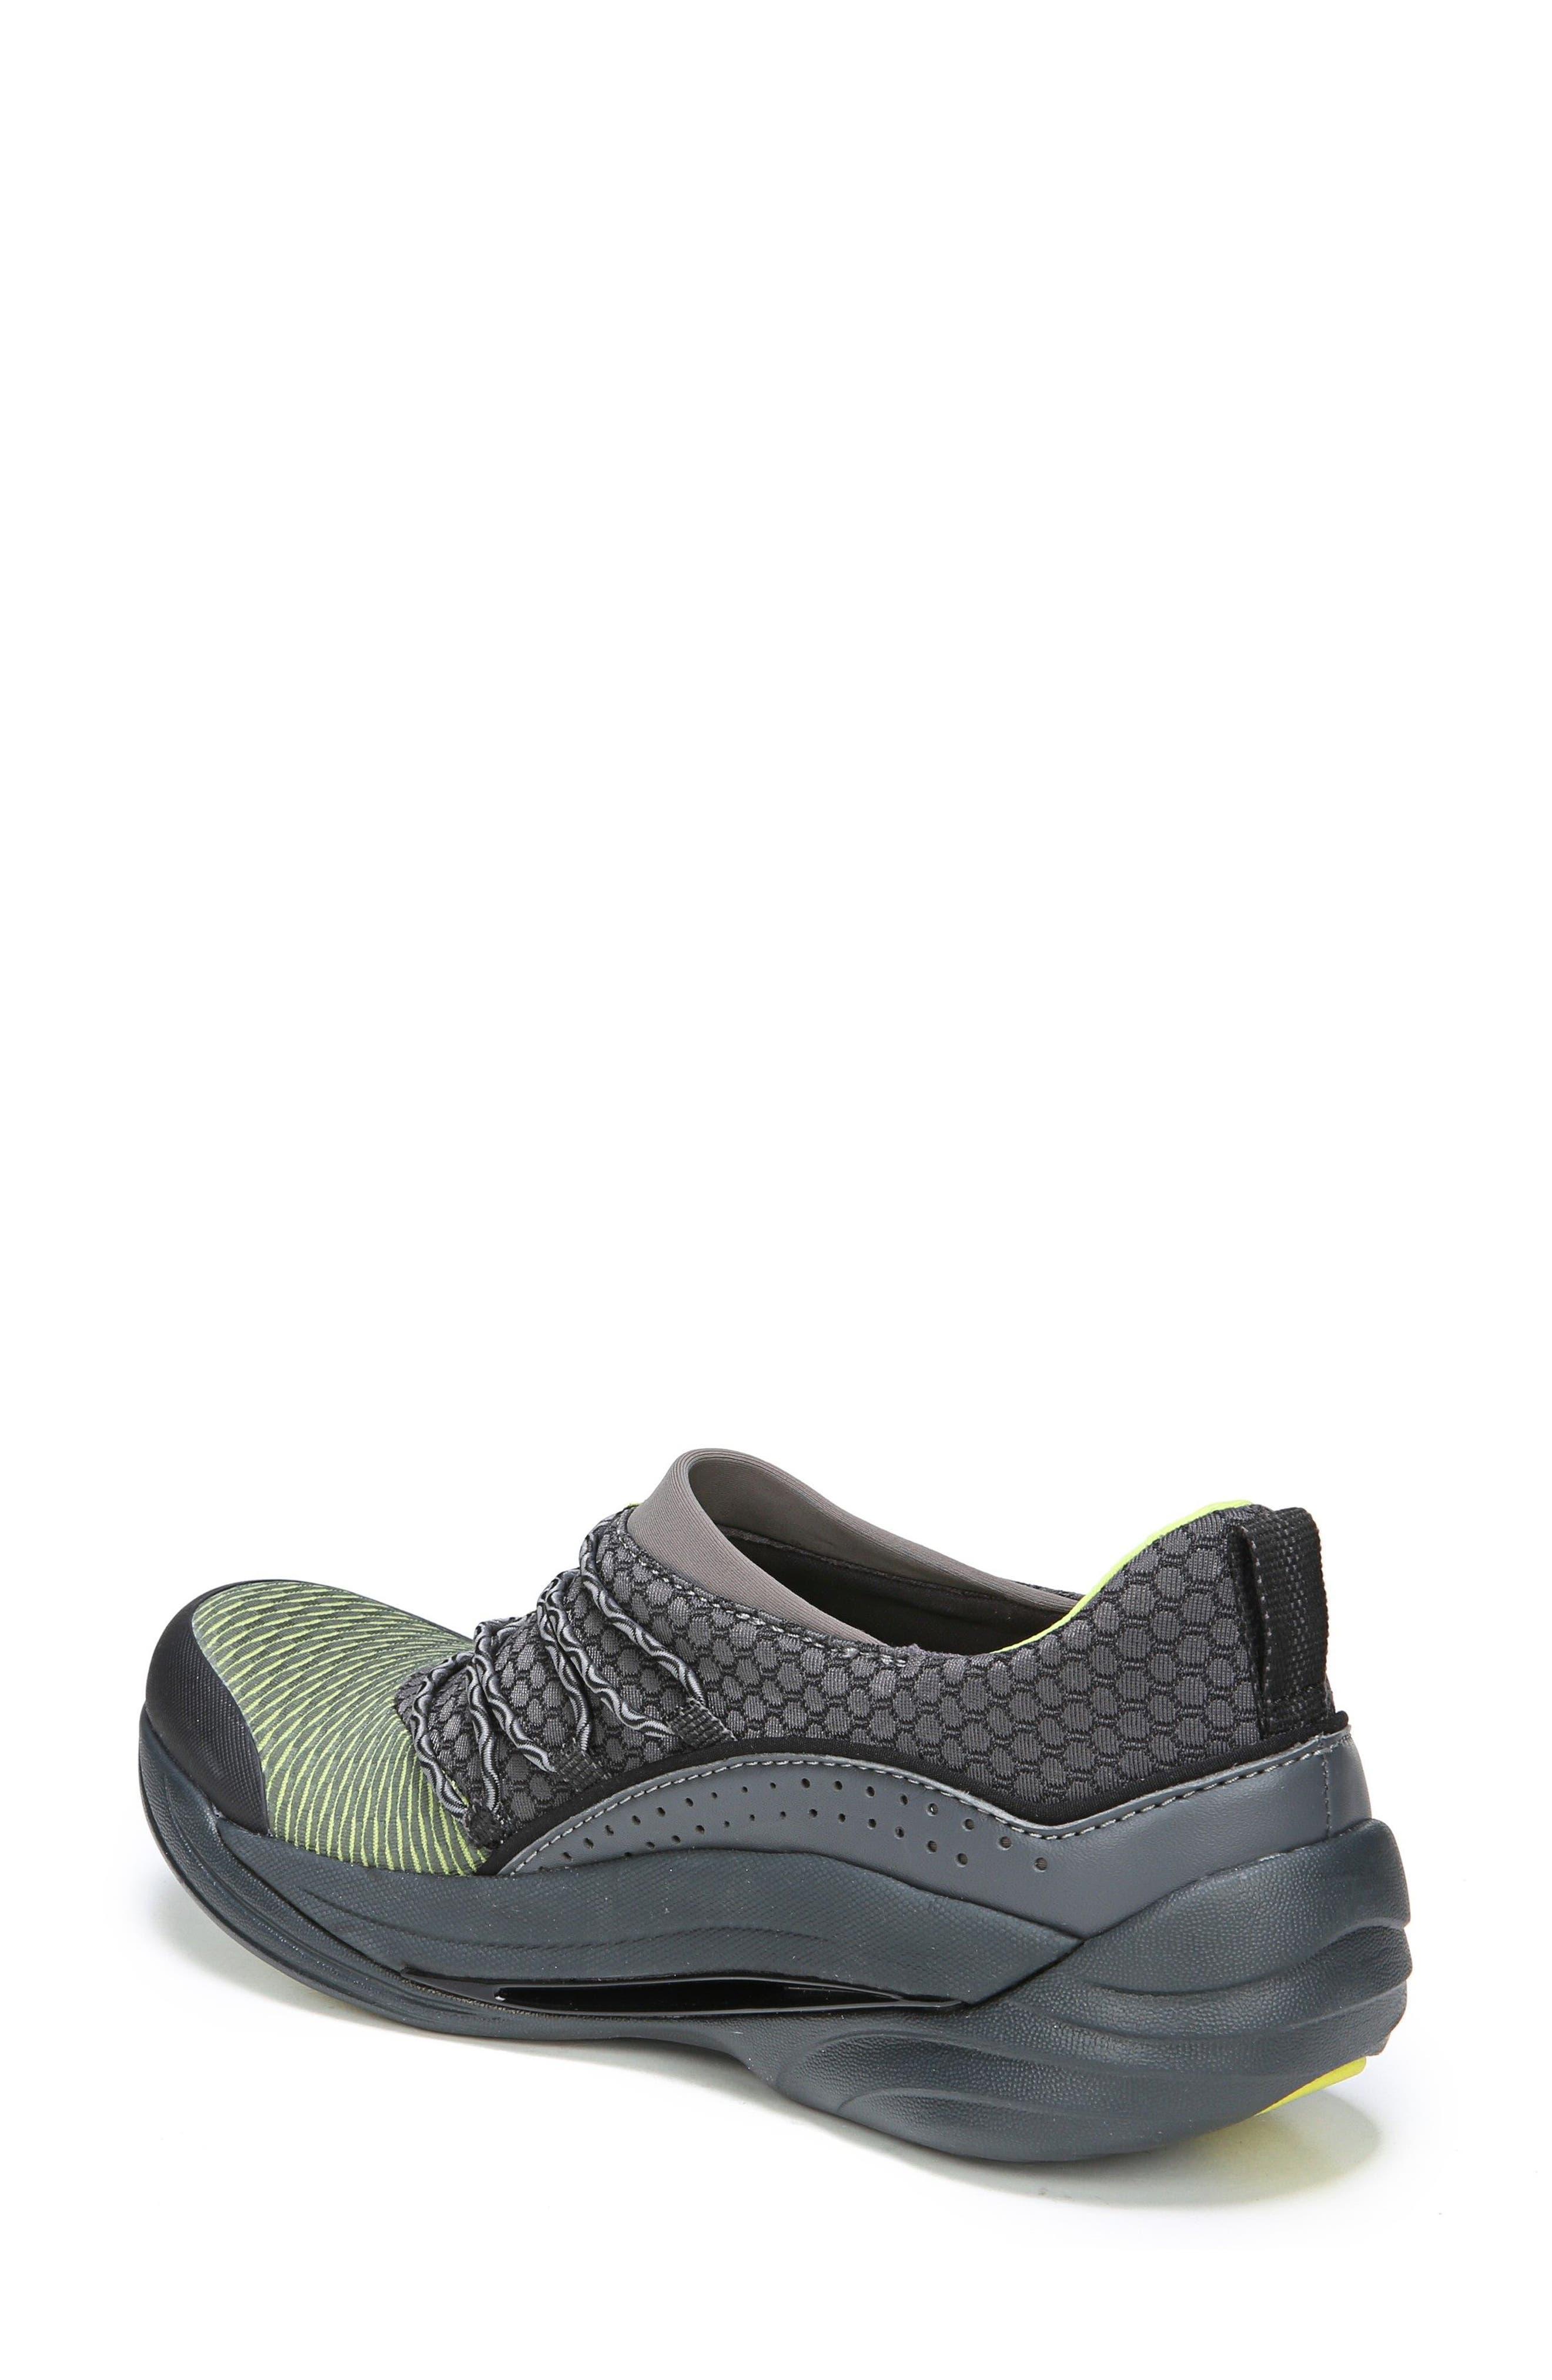 Alternate Image 2  - BZees Pisces Slip-On Sneaker (Women)